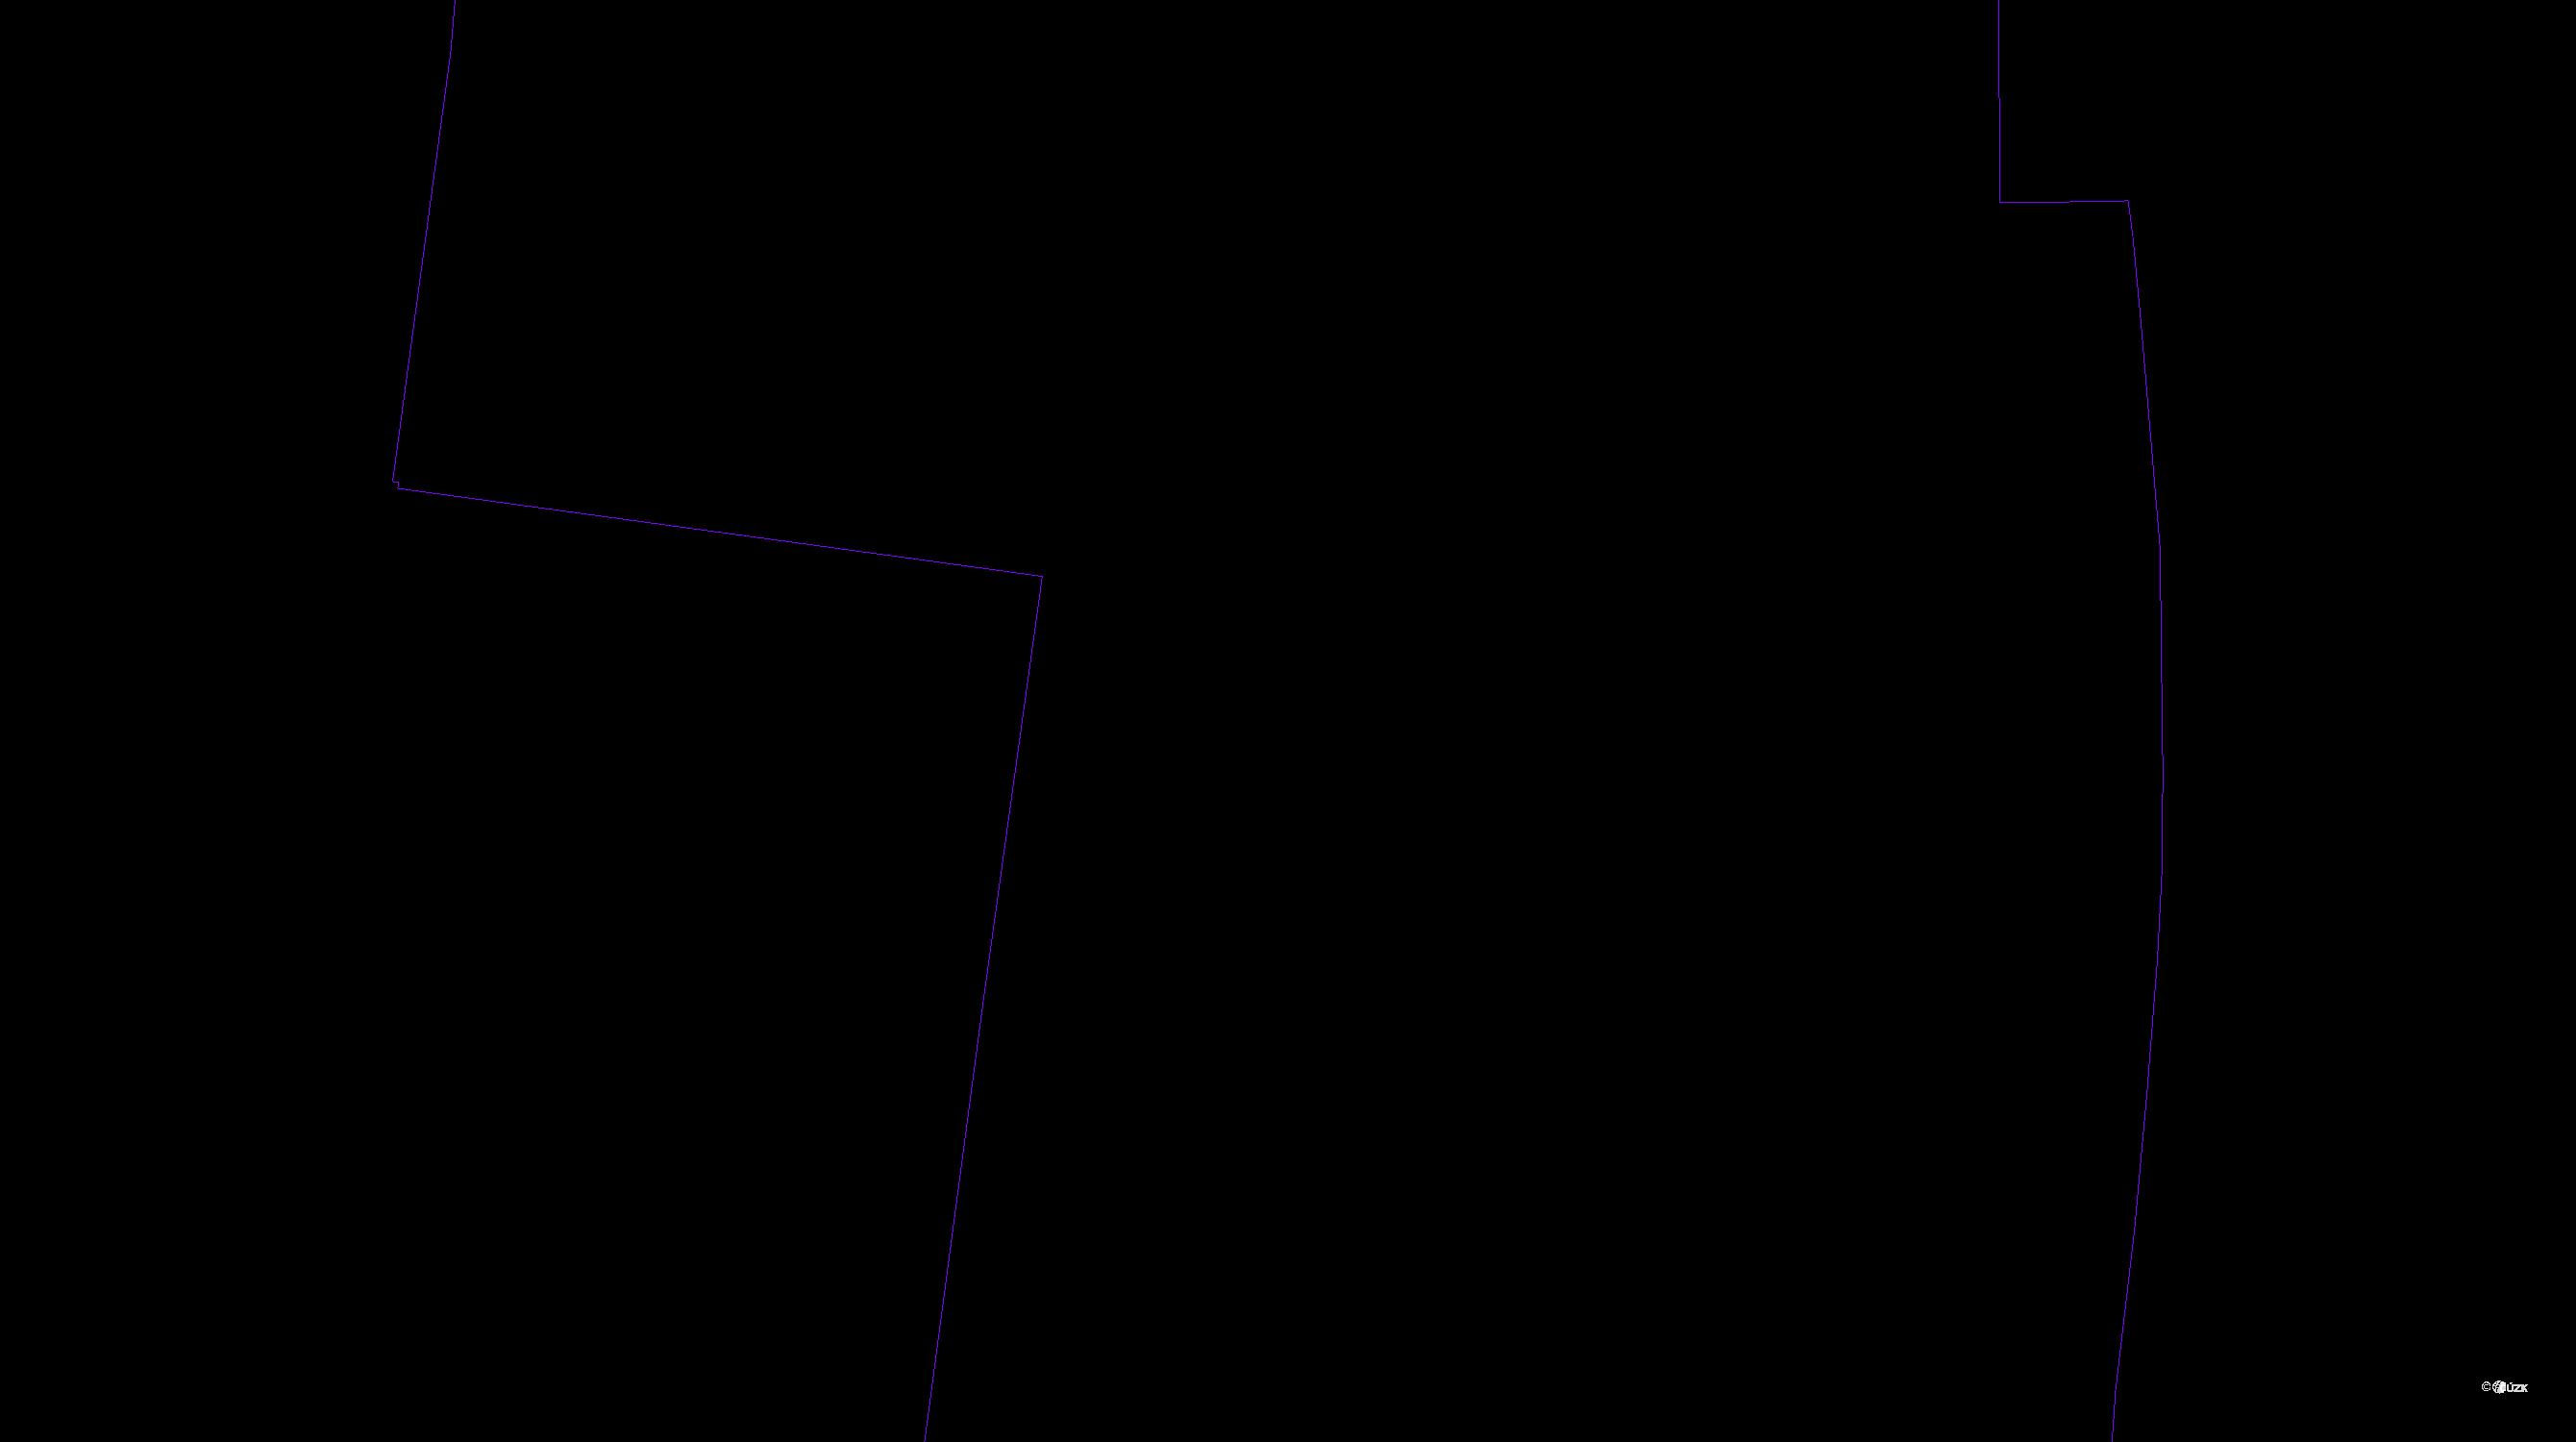 Katastrální mapa pozemků a čísla parcel Krasice